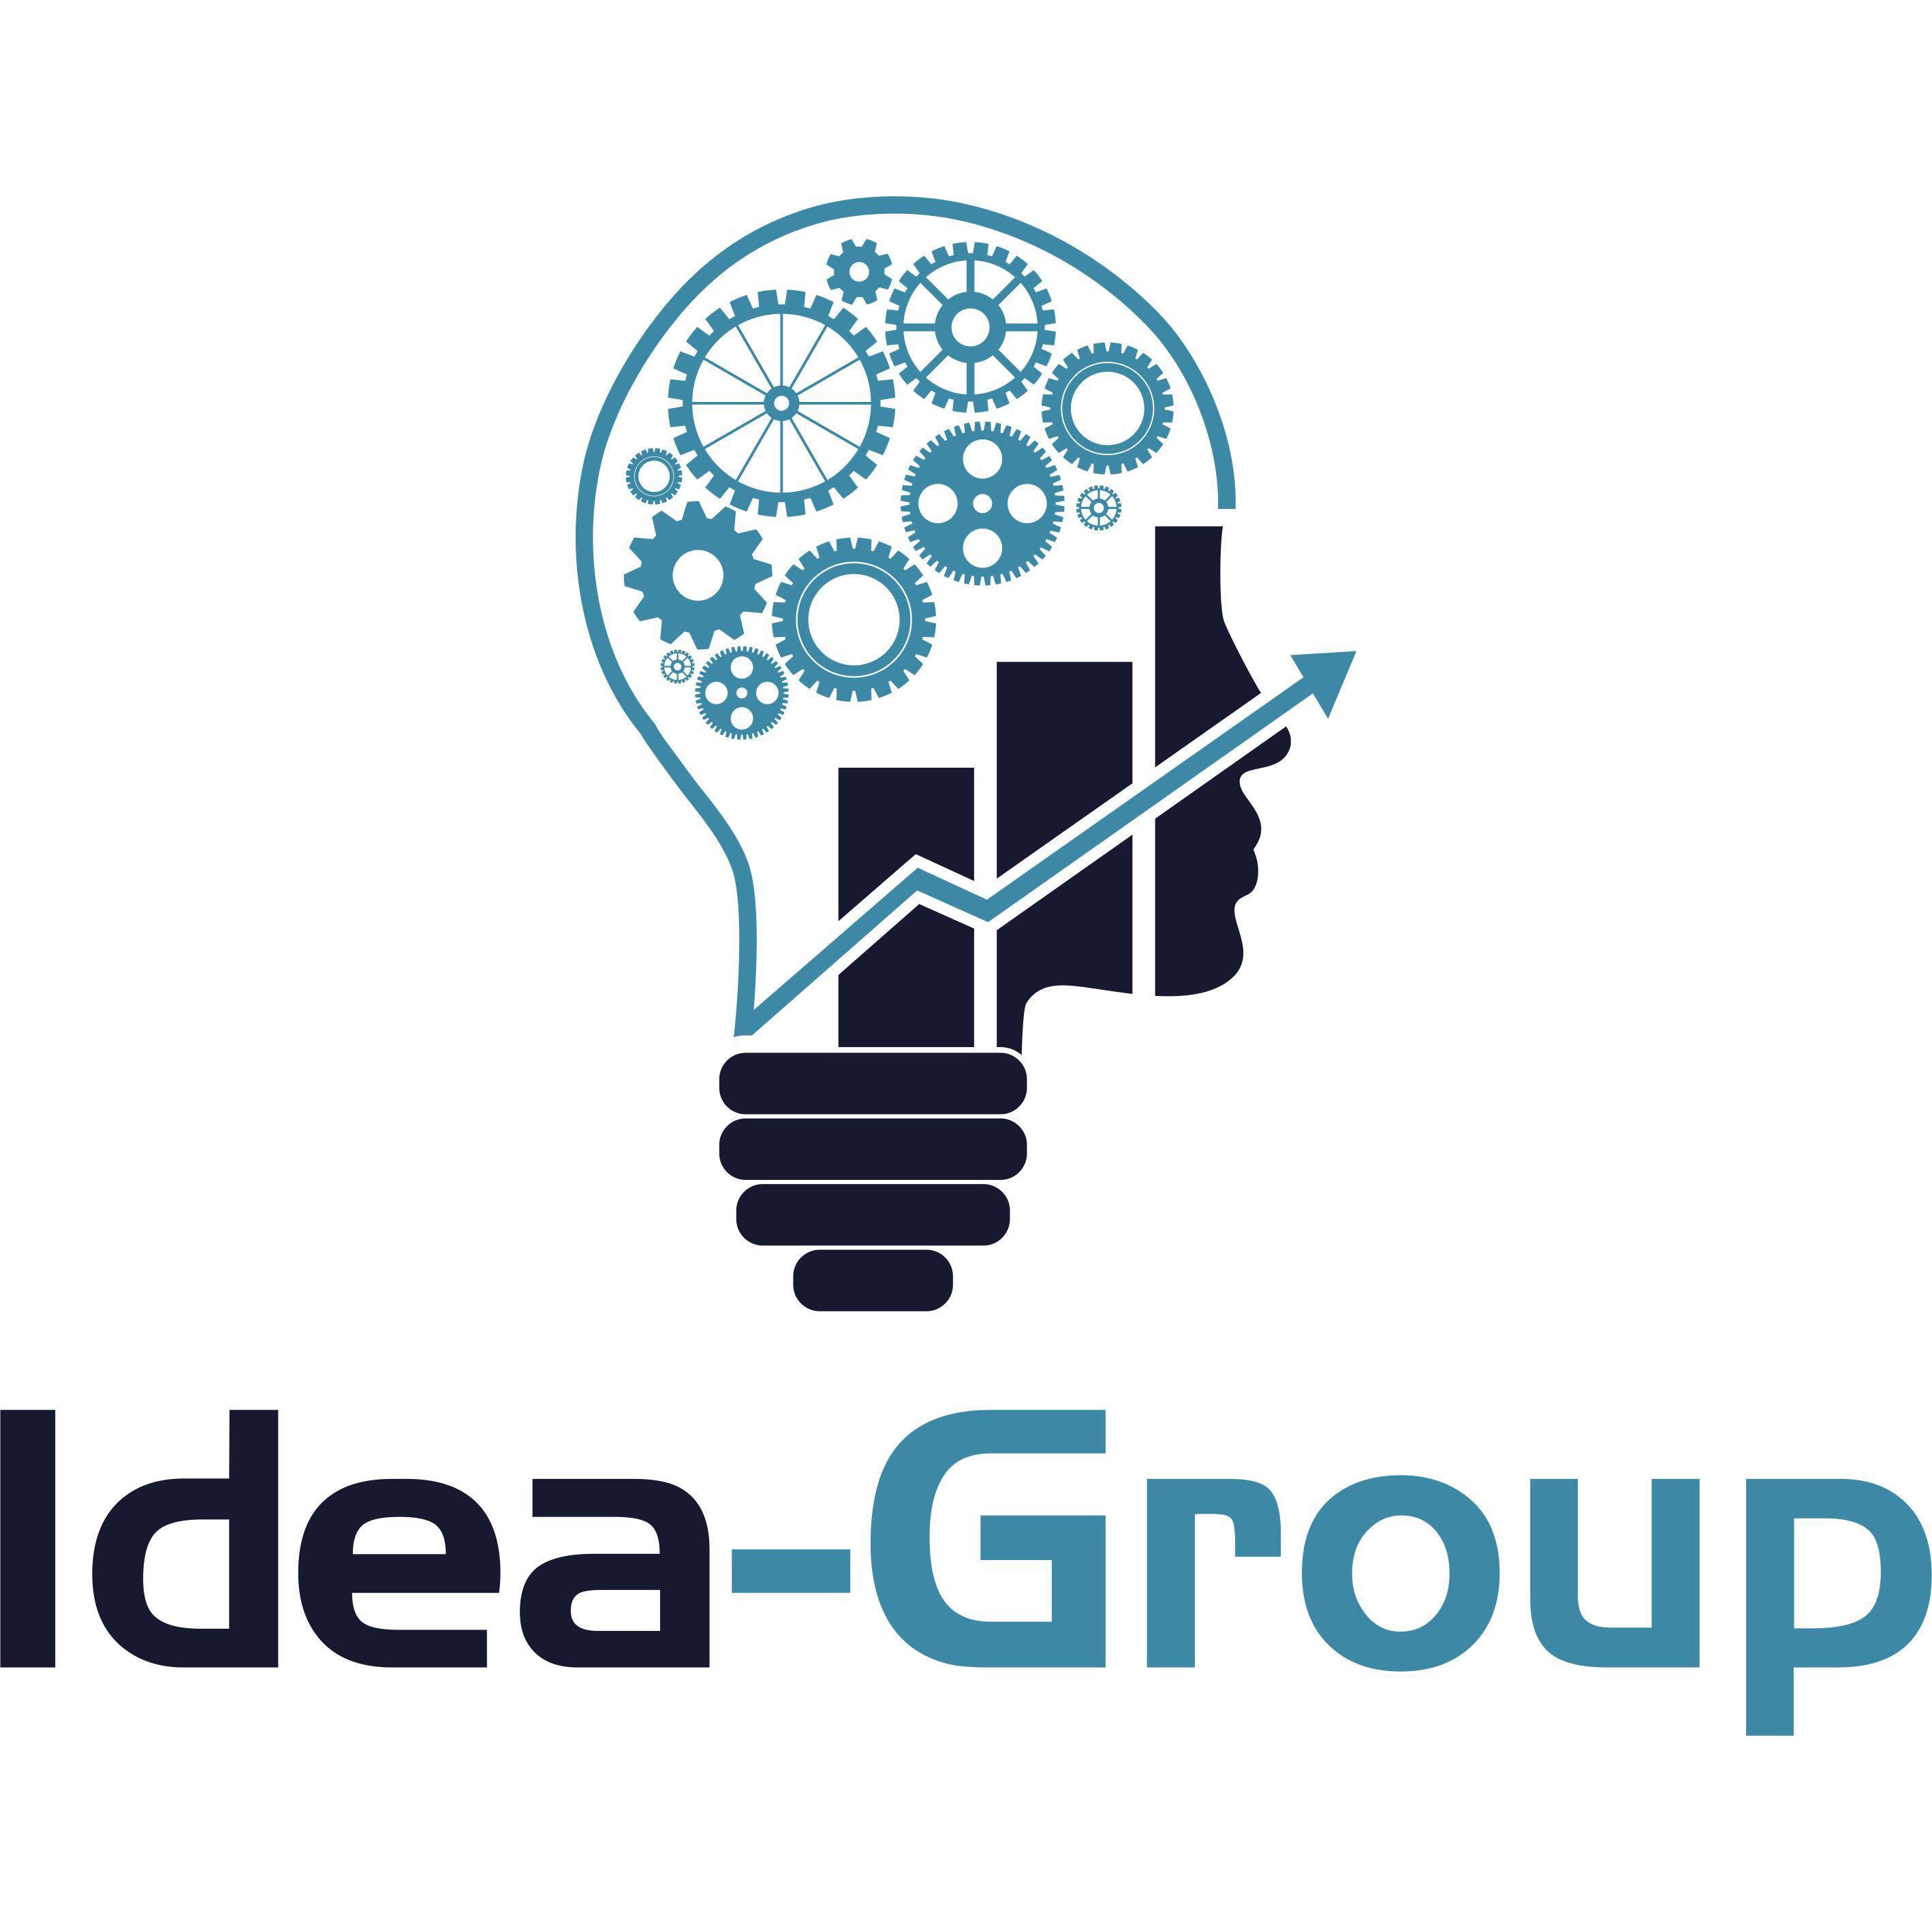 Idea Group SEO image 3